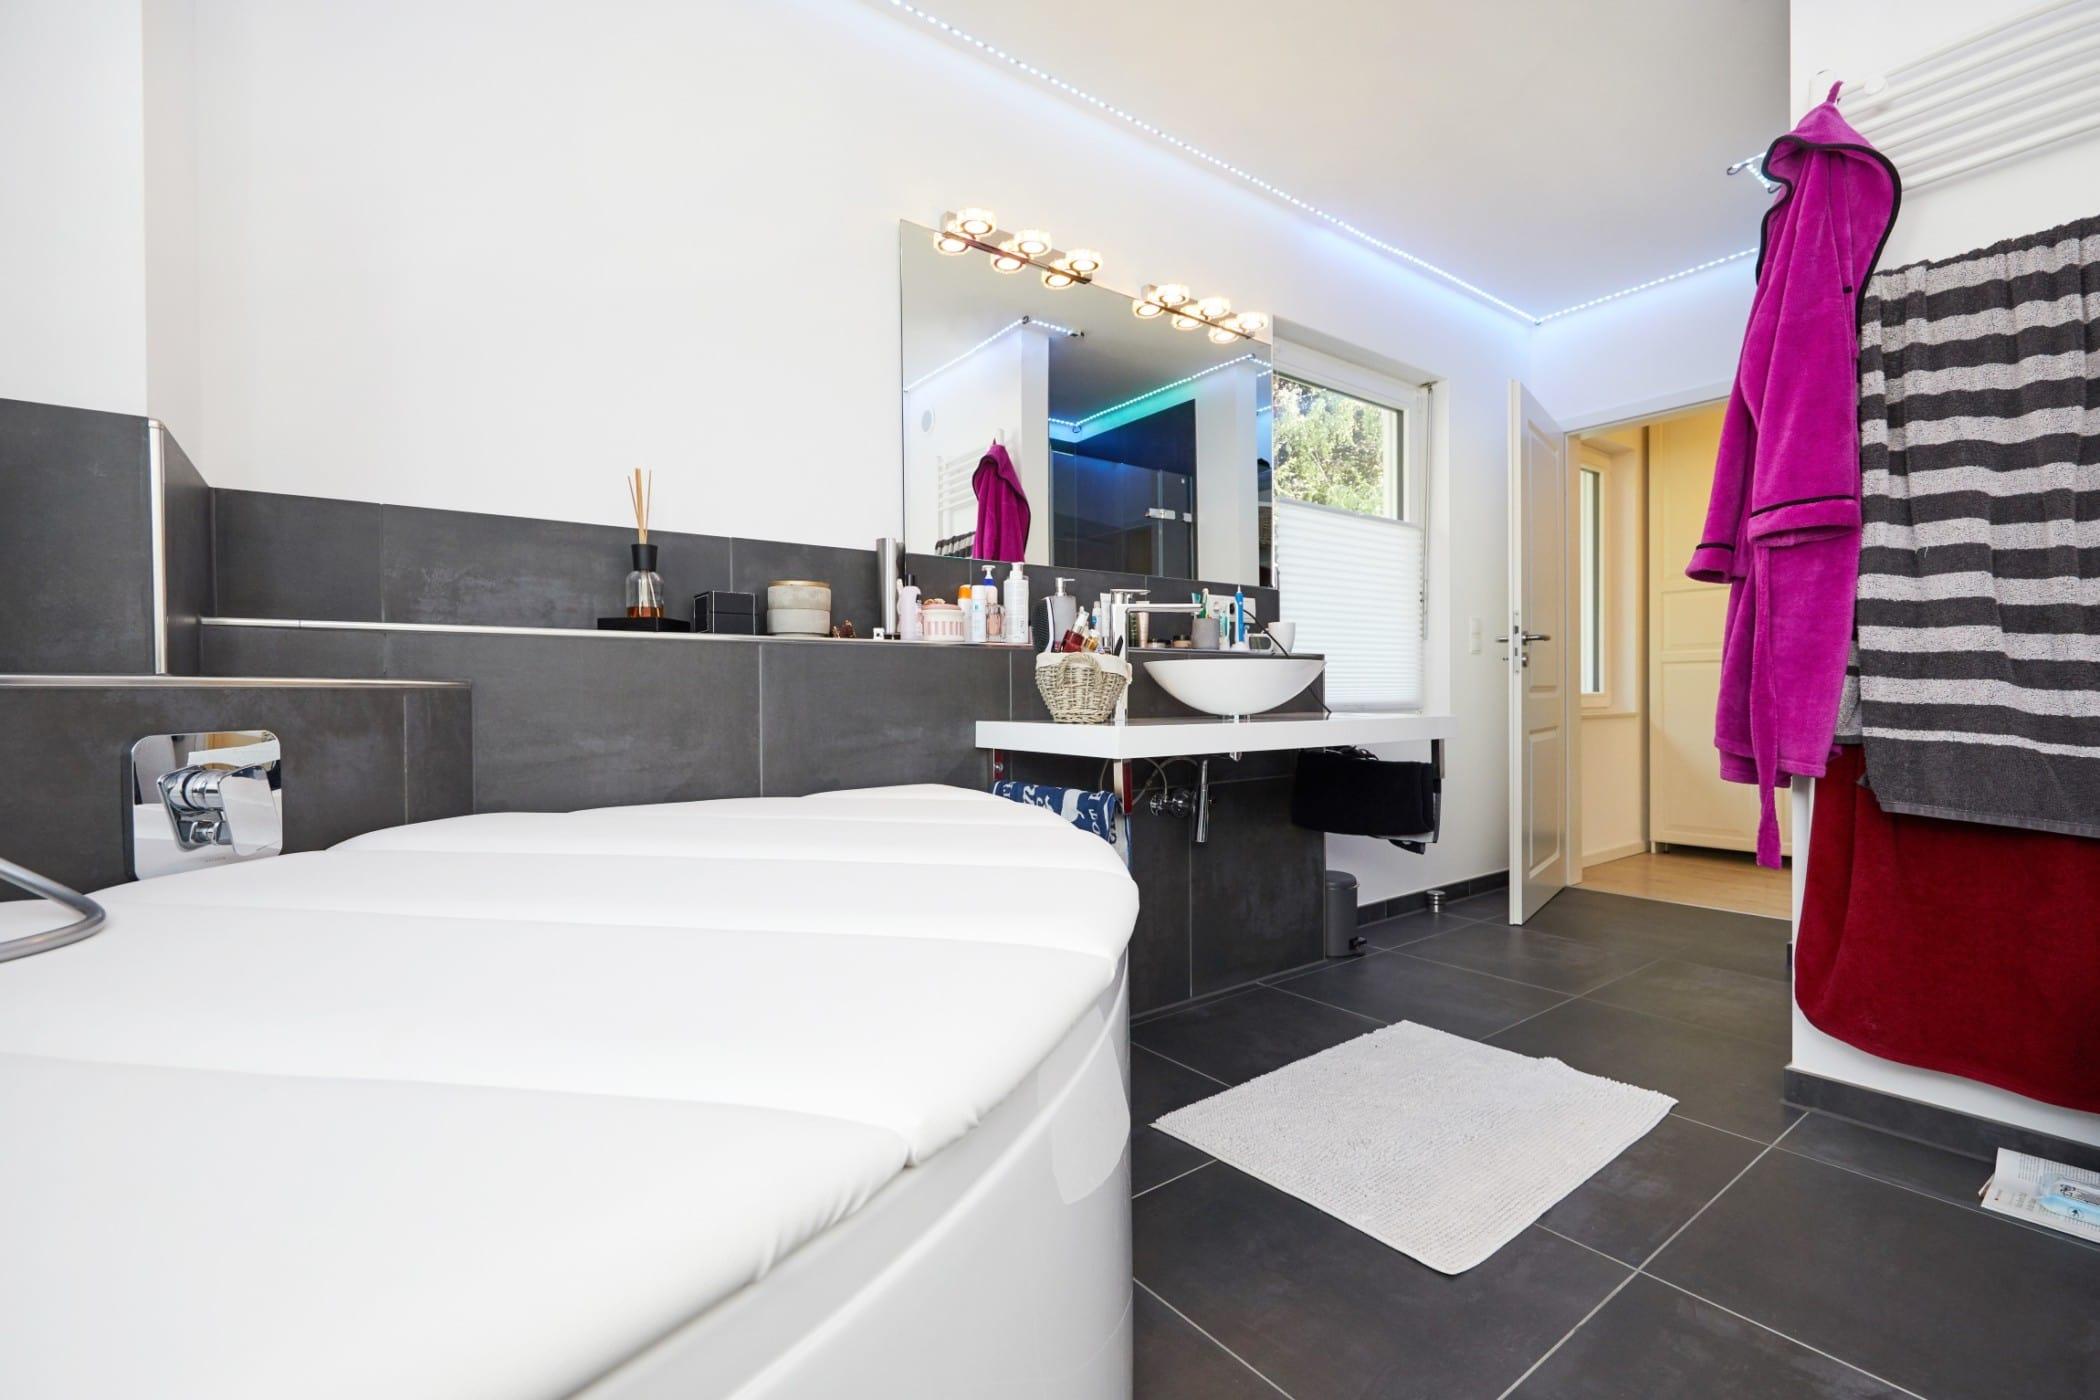 Badezimmer modern mit großen Fliesen grau - Inneneinrichtung Ideen Fertighaus Verona von GUSSEK Haus - HausbauDirekt.de